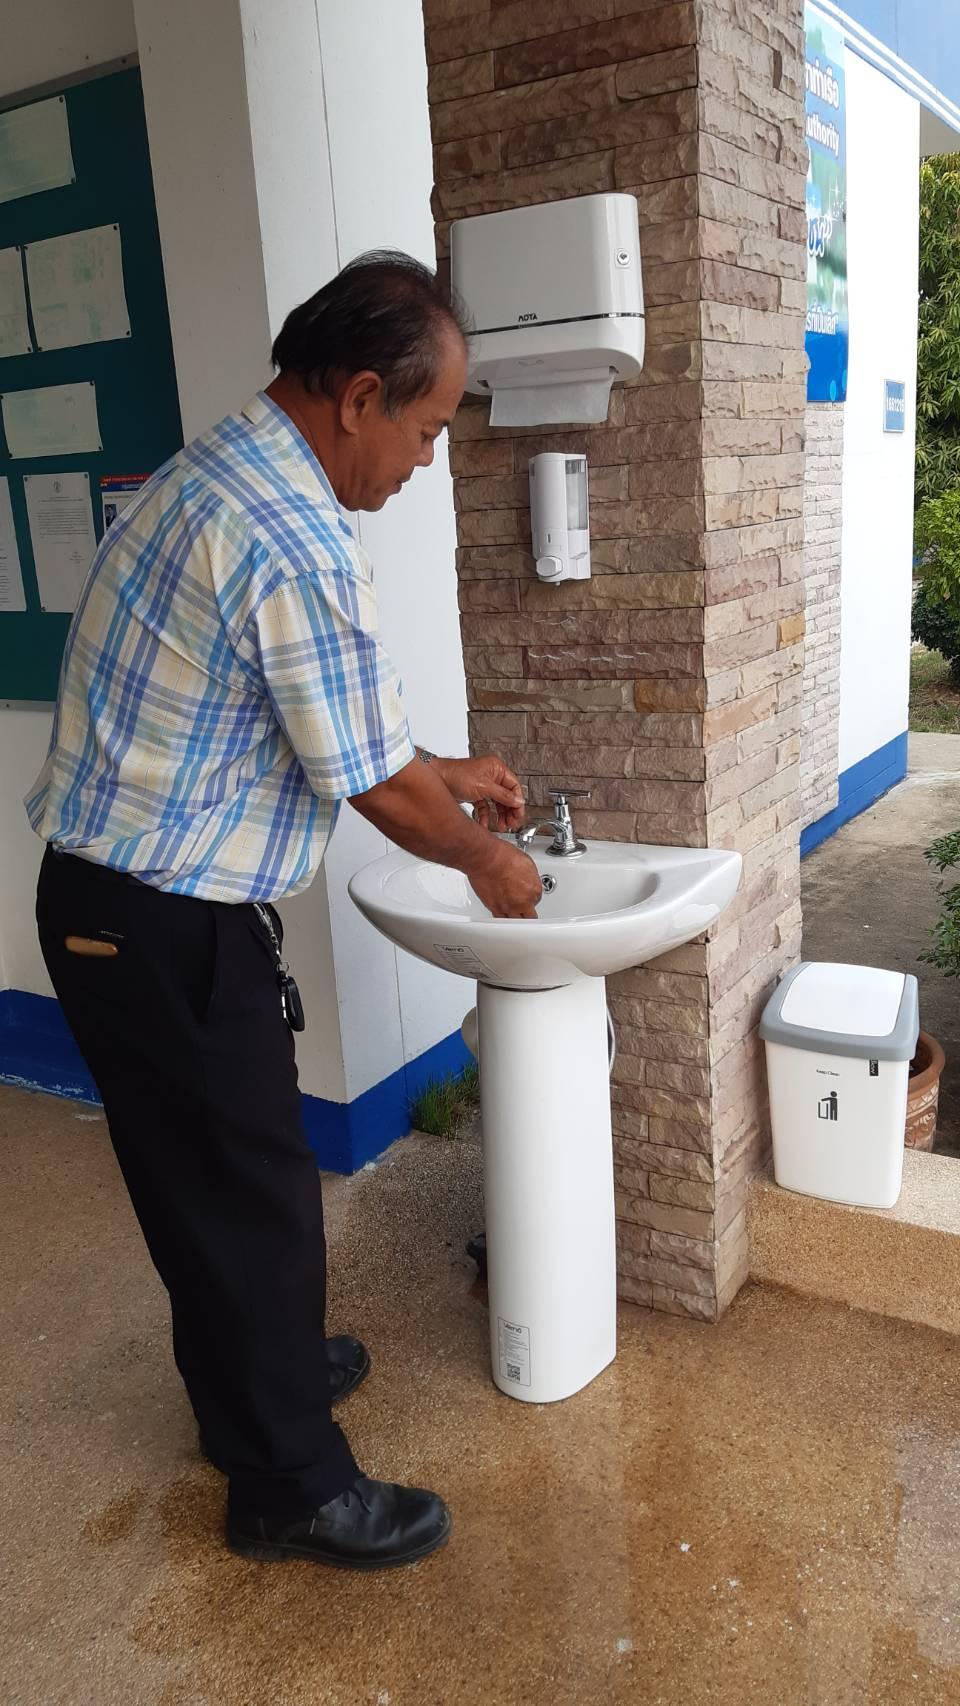 กปภ.สาขาท่าเรือ ให้บริการอ่างล้างมือและเจลแอกอฮอล์ เพื่อป้องกันเชื้อไวรัส COVID-2019